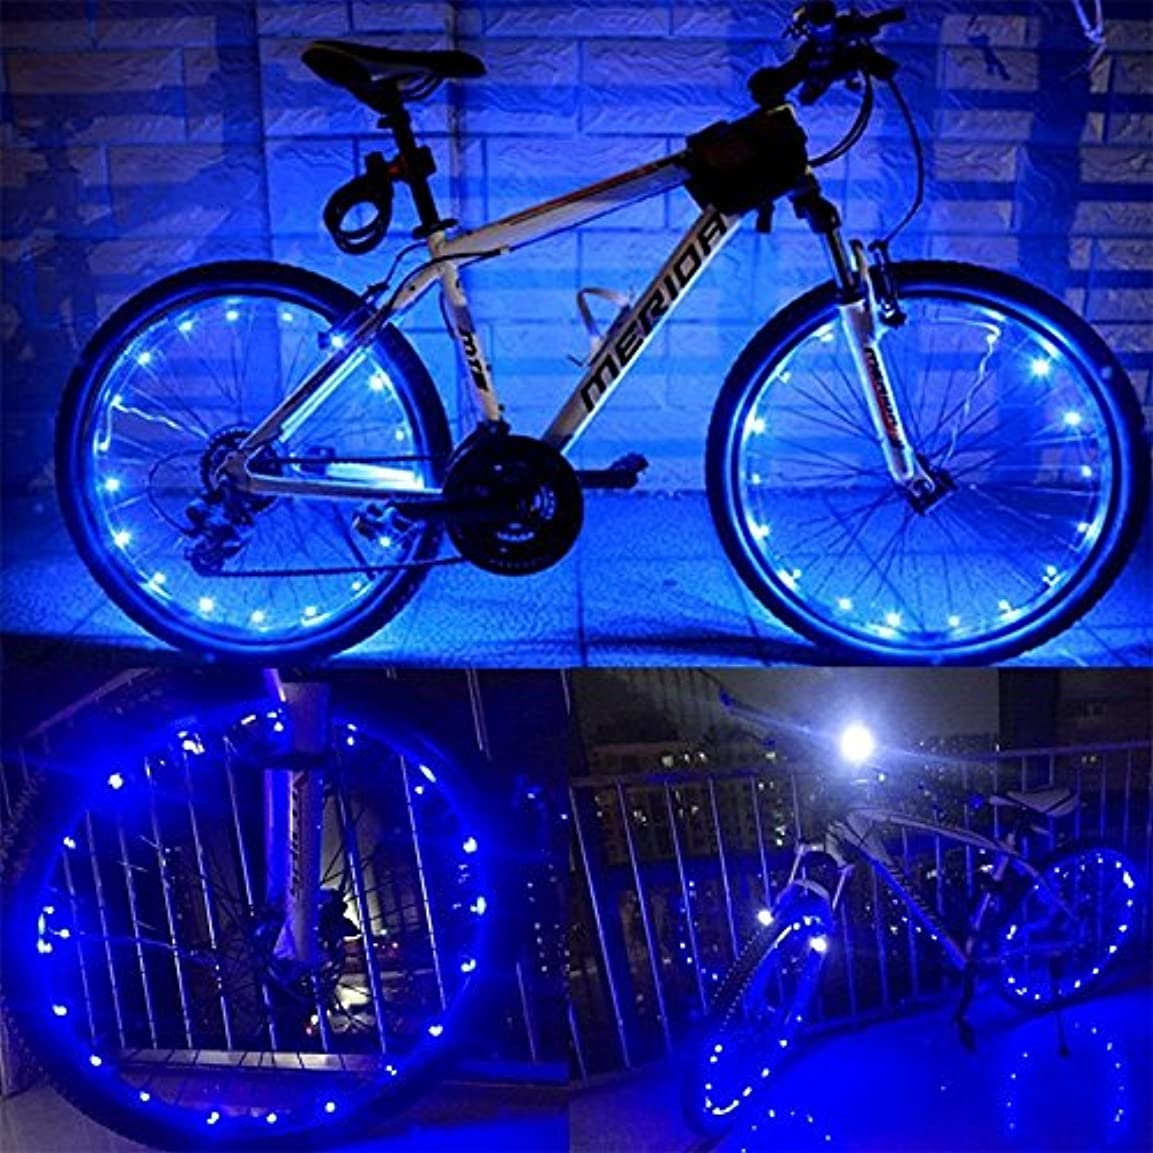 省略するアンテナ治療WELSUN 青い自転車ホイールライト防水バイクライトの長さ2m 20夜間サイクリングスポークアクセサリーのための安全なランプを導いた